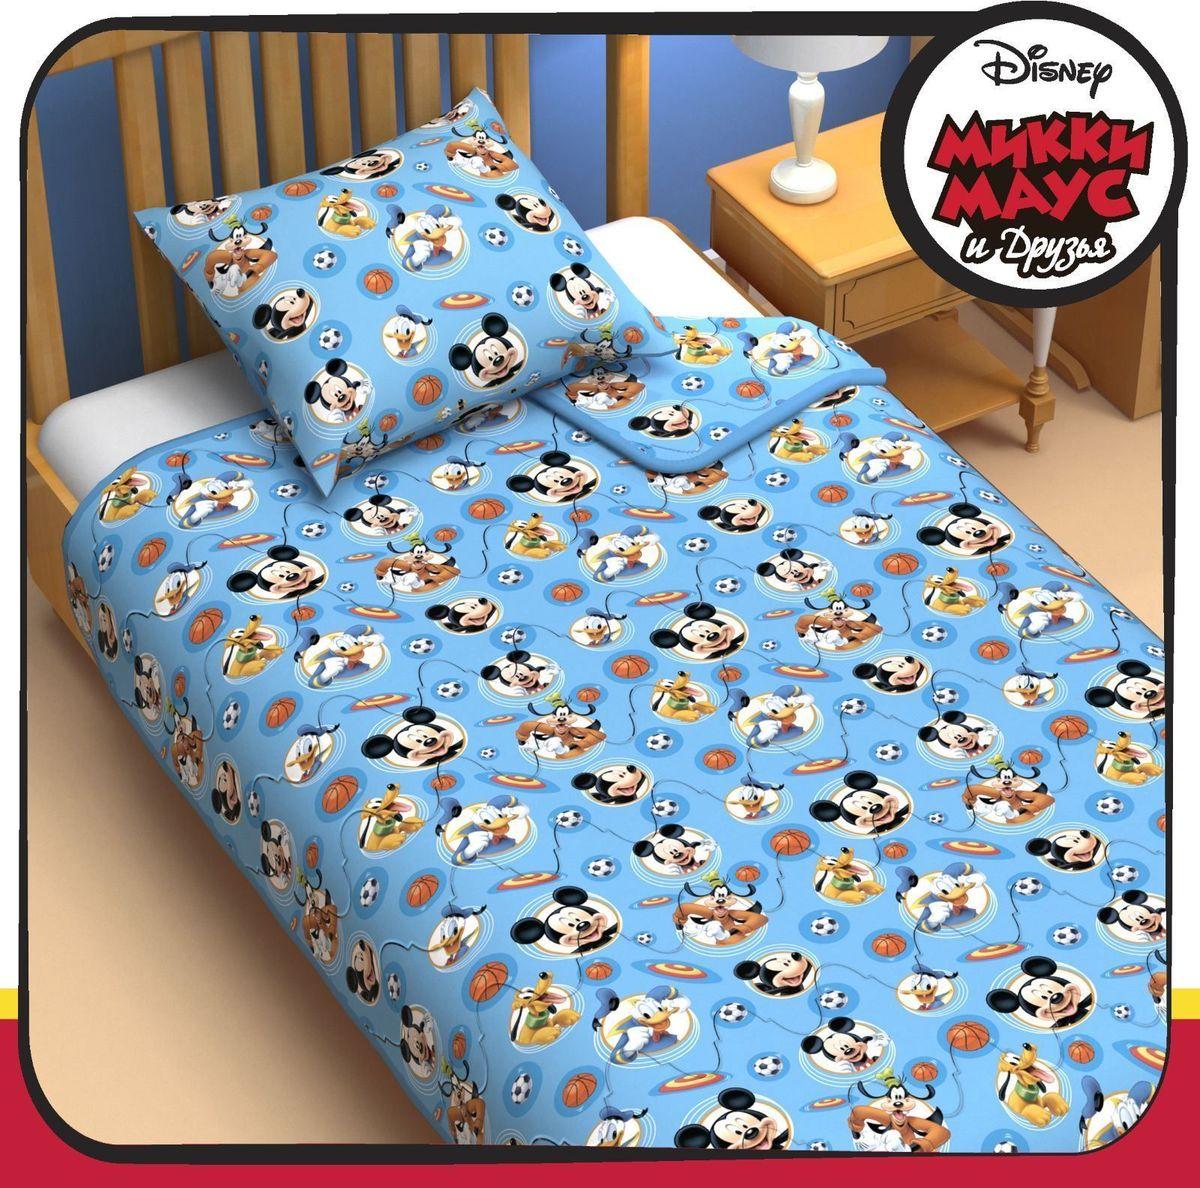 Disney Одеяло 1,5 спальное Микки Маус и его друзья 140 х 205 см 11531651153165Сказочные сны с любимыми героями Disney. Маленький любитель мультфильмов Disney будет в восторге от этого яркого одеяла ! Оно подарит крохе захватывающие сны и по-настоящему доброе утро. Почему? Потому что одеяло изготовлено в России на современном оборудовании, а при нанесении рисунка использовались только качественные европейские красители. Над дизайном работала команда настоящих мастеров своего дела: очаровательные персонажи мультфильмов, детально проработанная картинка, гармоничное сочетание цветов — всё это результат их кропотливой работы. В качестве наполнителя для изделия используется файбер — практичный, безопасный и мягкий материал. Именно поэтому одеяло: поддерживает комфортную температуру тела во время сна; не способствует появлению аллергии и раздражения; позволяет коже дышать и впитывает влагу; хорошо переносит многочисленные стирки, сохраняя первоначальную форму и внешний вид; Чехол выполнен из поплина — прочной, невероятно...